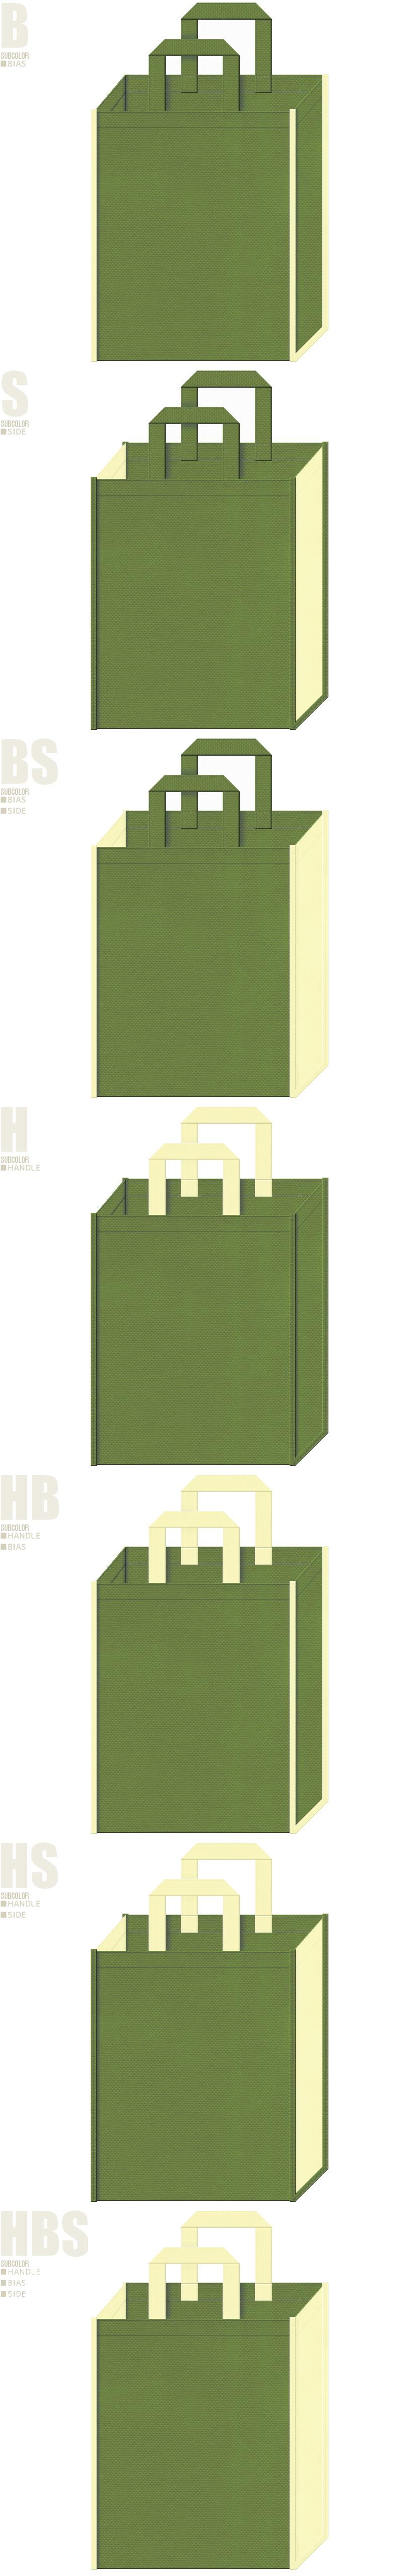 草色と薄黄色、7パターンの不織布トートバッグ配色デザイン例。かぐやひめ、お月見イメージの不織布バッグにお奨めの配色です。